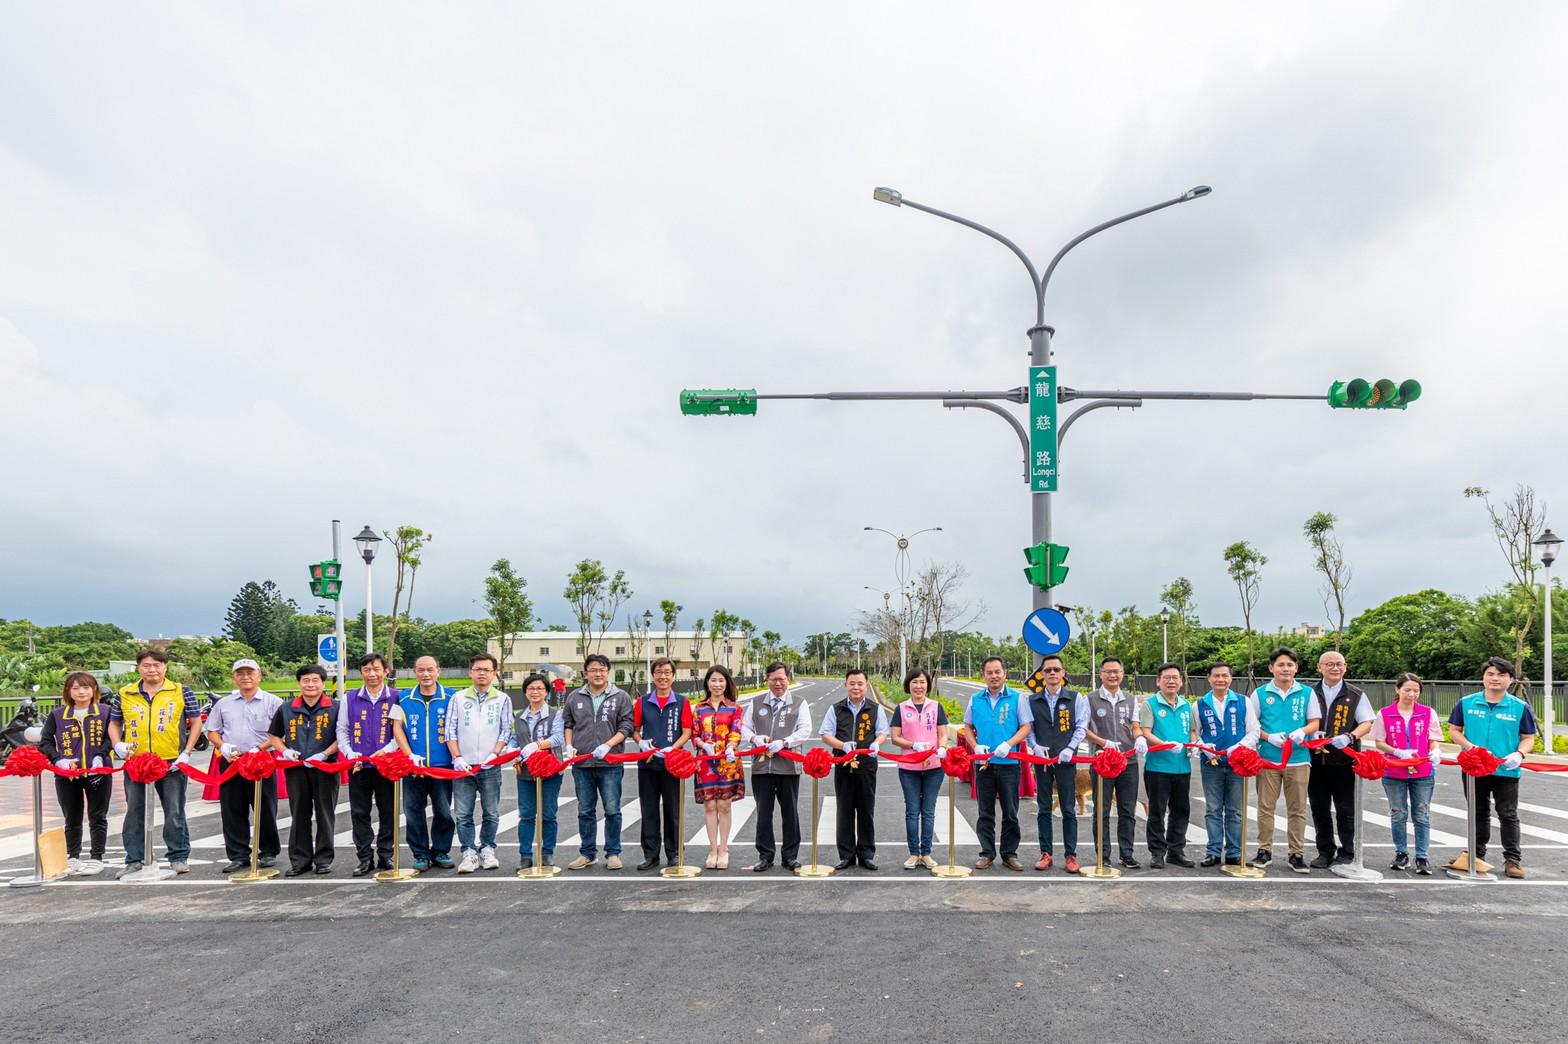 龍慈路延伸至台66線化不可能為可能,讓中壢區整體交通大幅改善